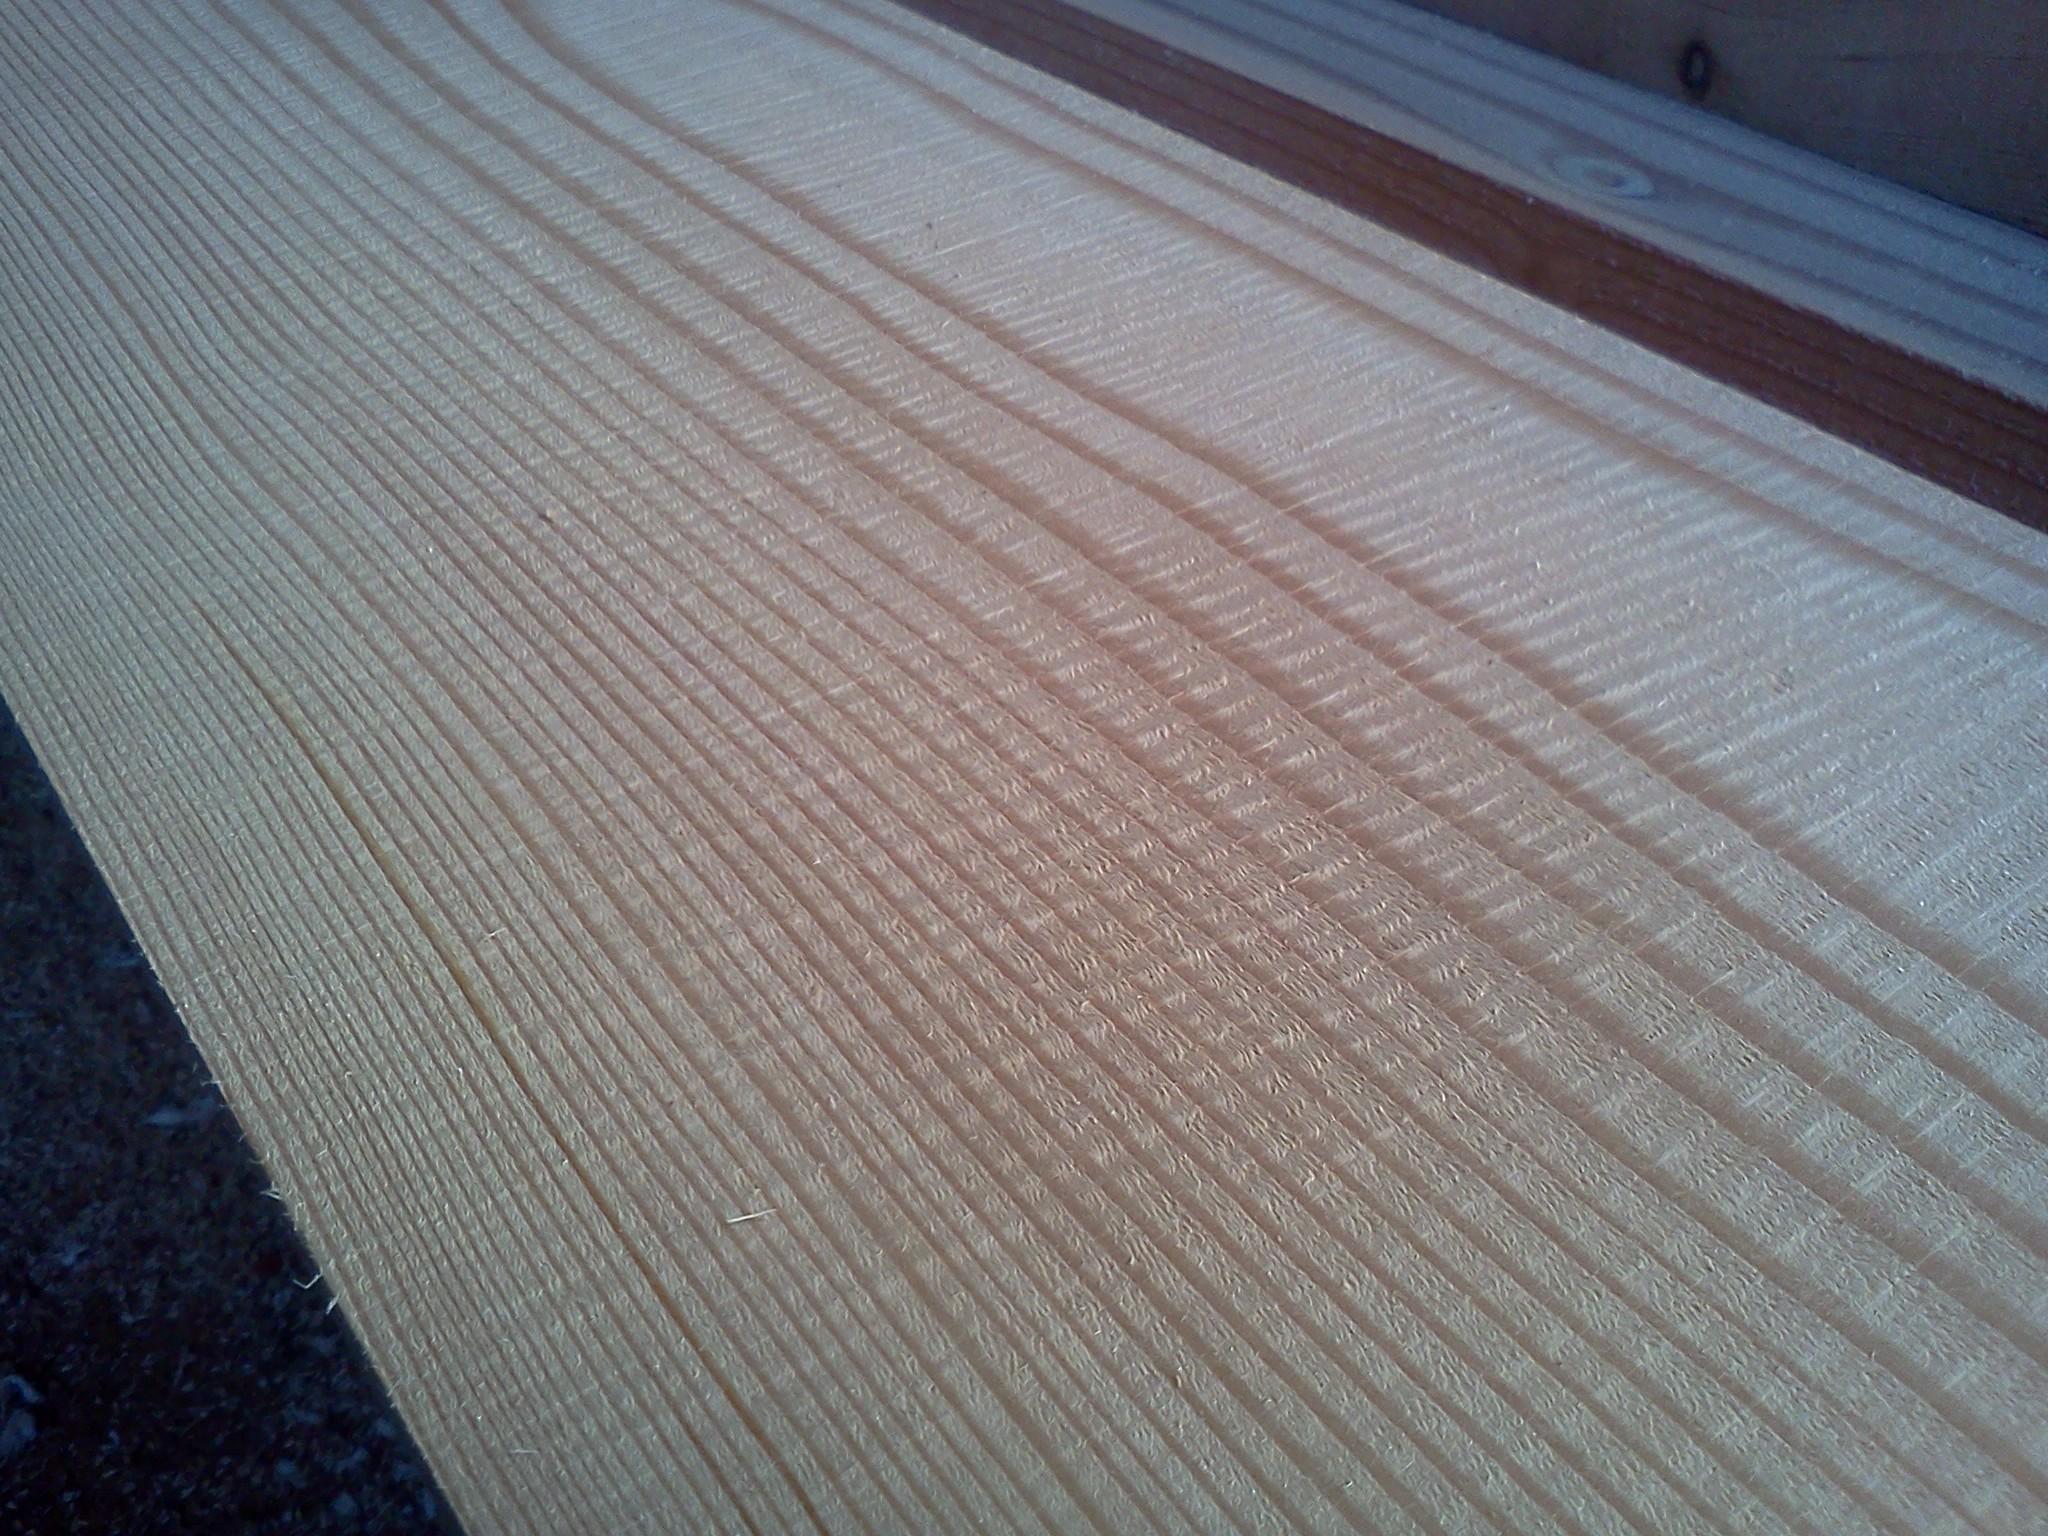 Resaw Bandsaw Blades Uk